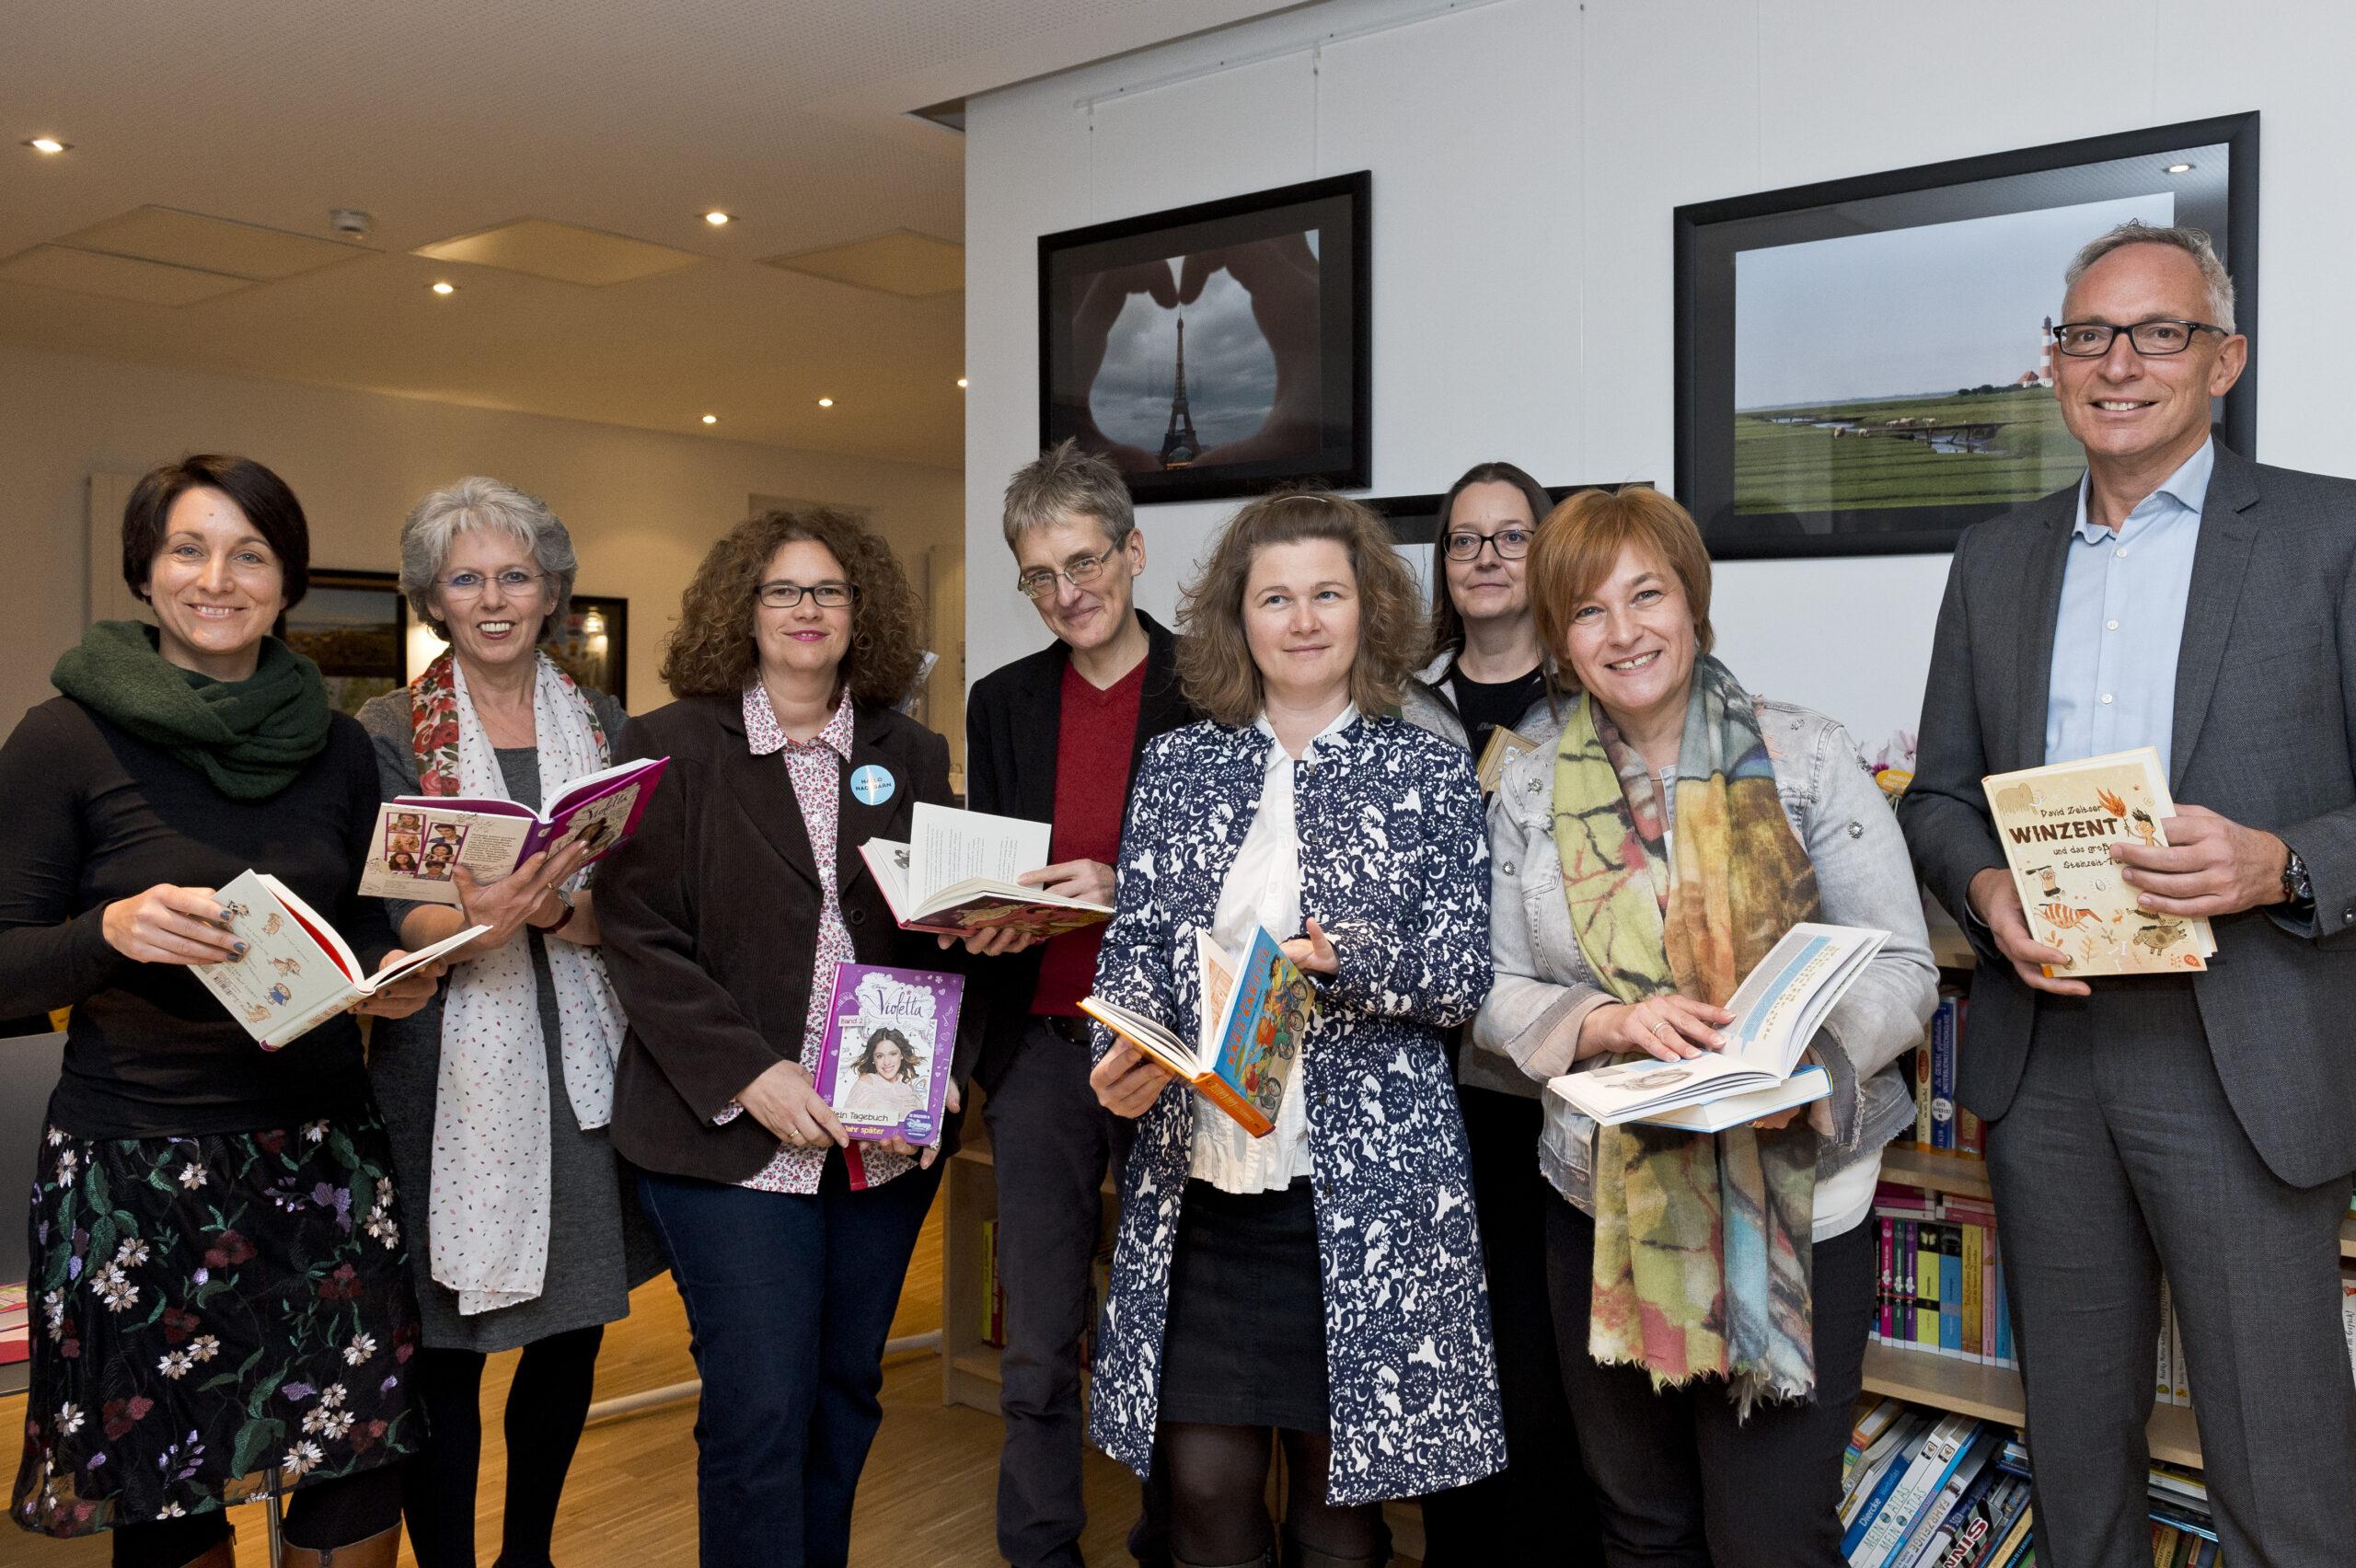 Caren Marks besucht Leseclub im Quartierstreff Wiesenau